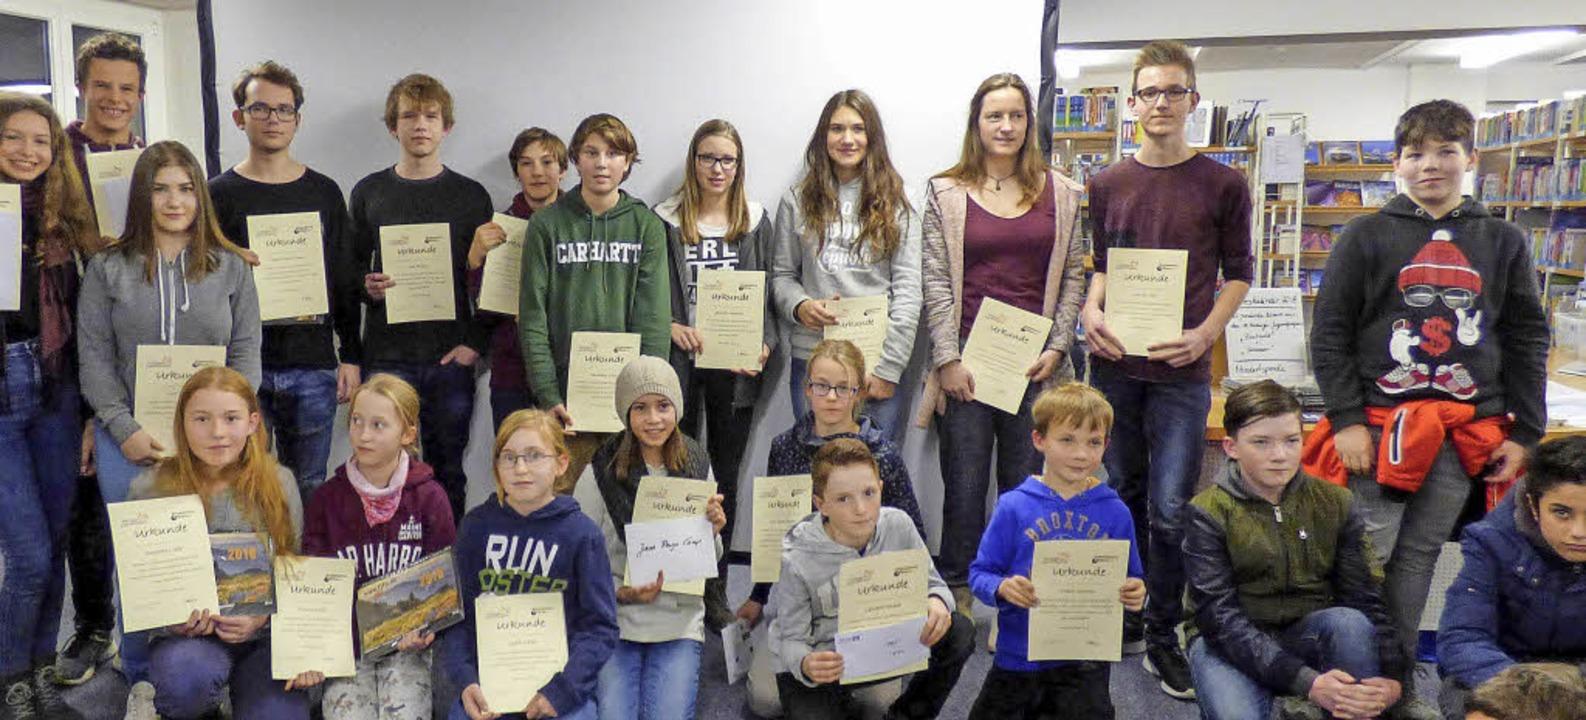 Die Gewinner und Gewinnerinnen des die...n Jugendfotopreises mit ihren Urkunden  | Foto: Jade Decker/Privat